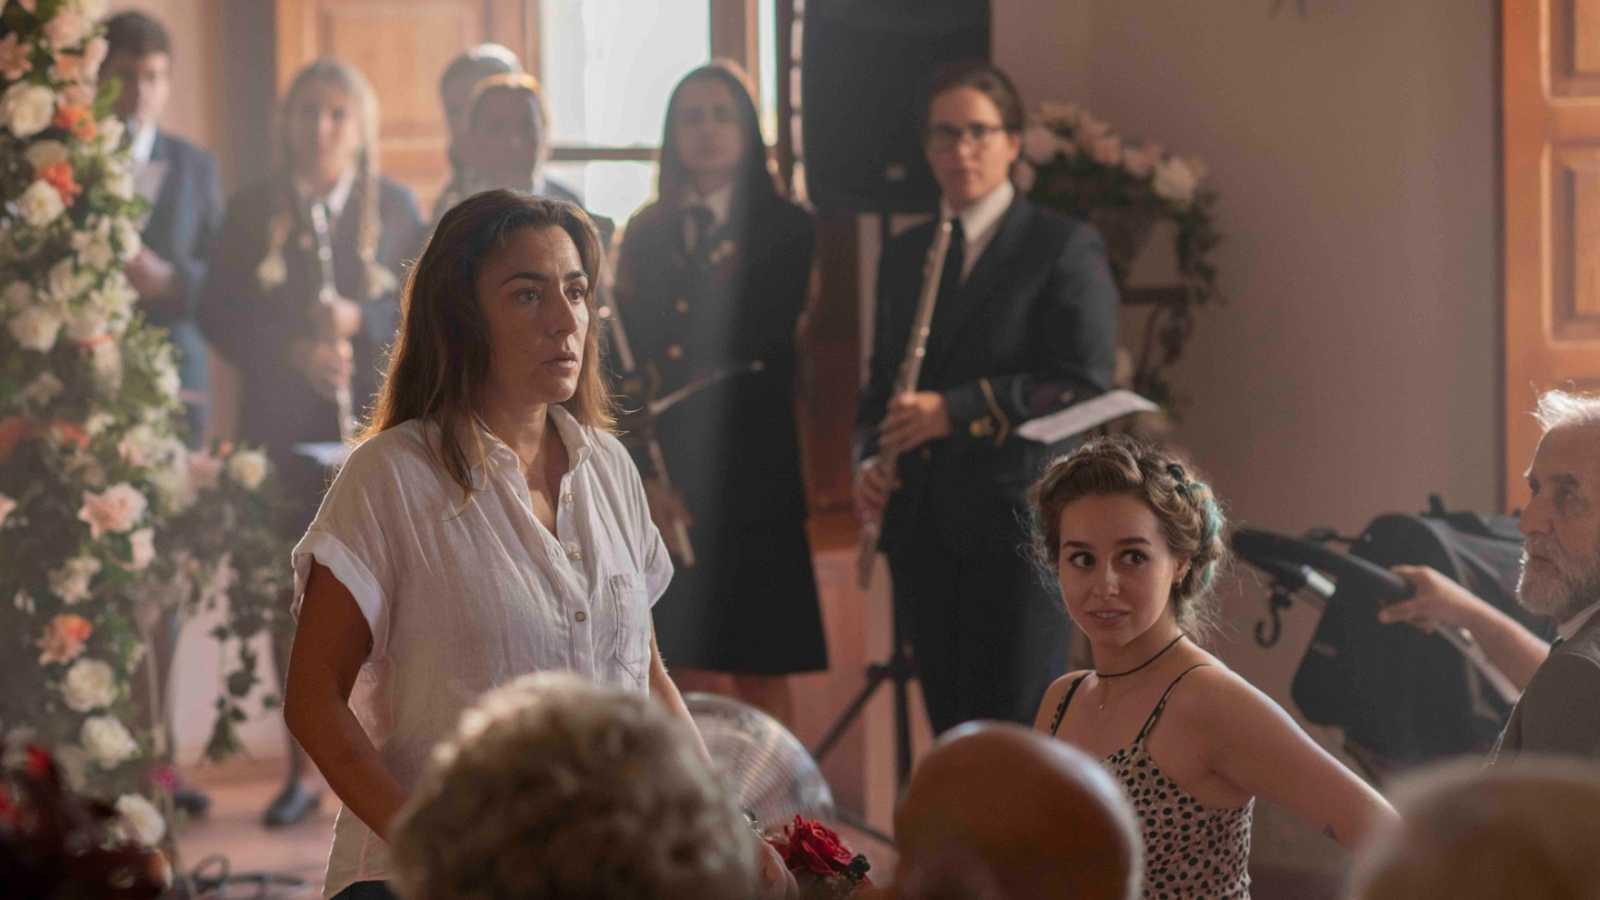 Llega a los cines 'La boda de Rosa', la nueva película de Icíar Bollaín